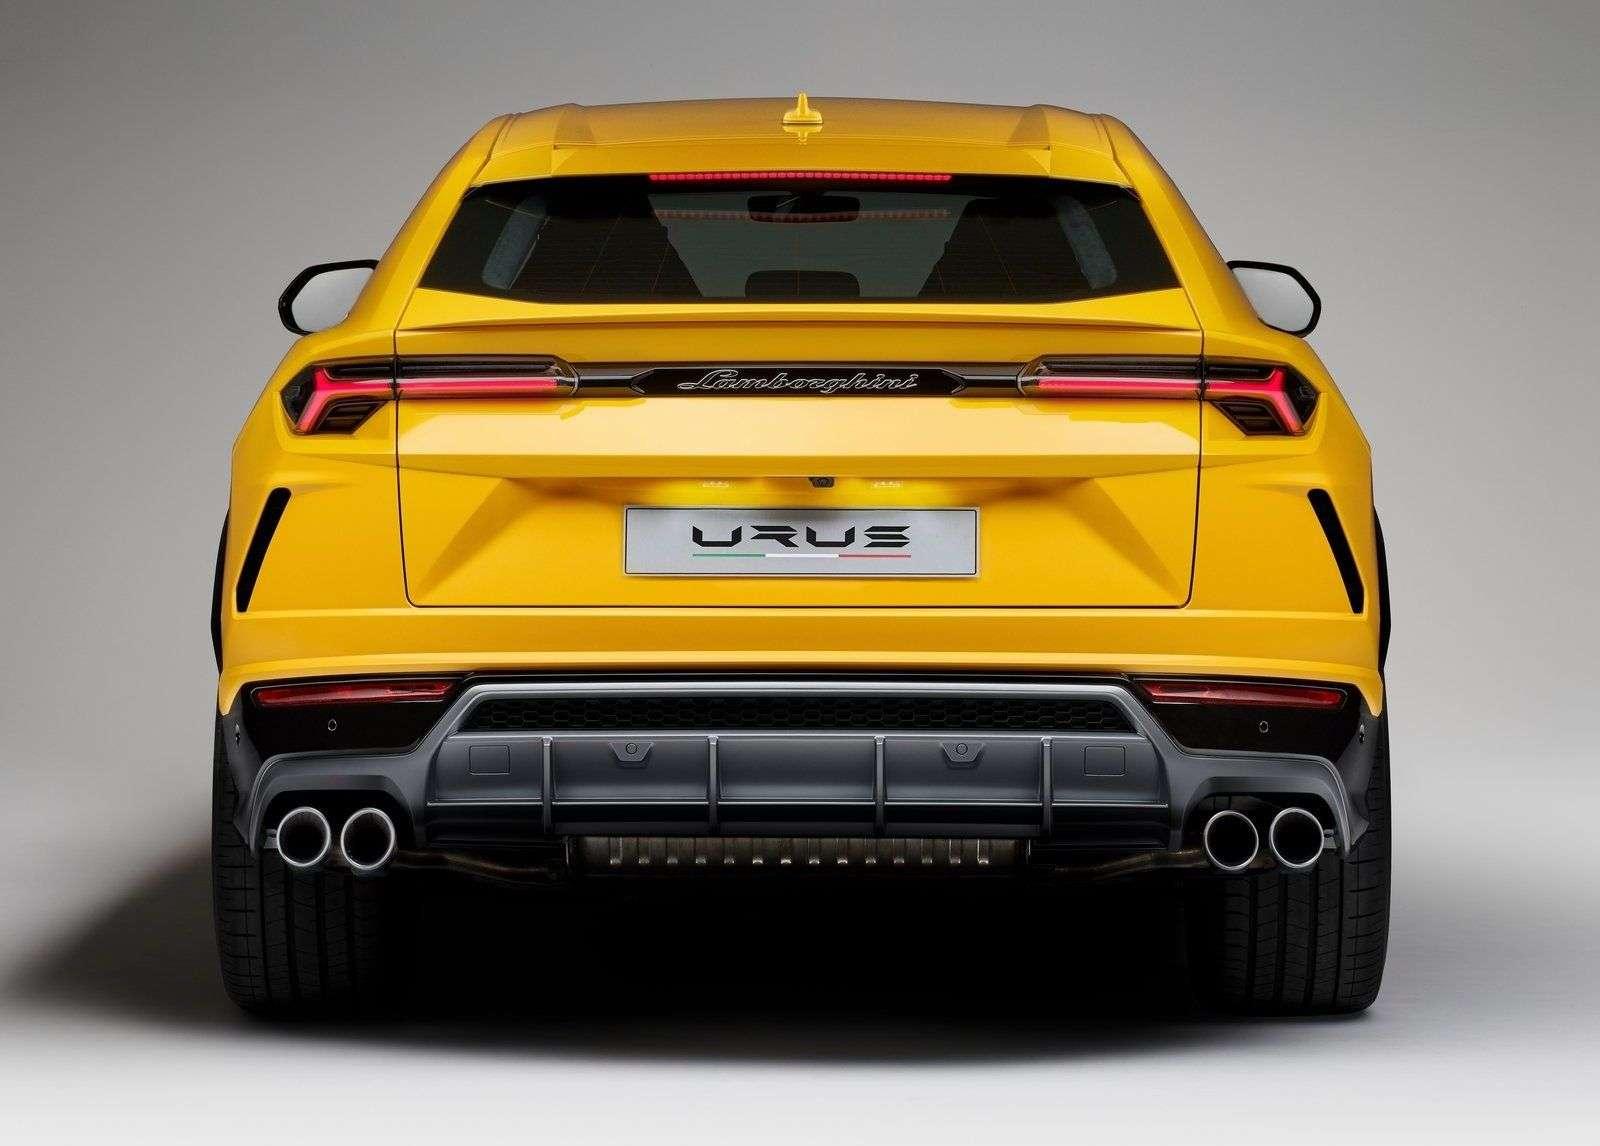 1512663017 zadnie stopy lamborghini urus 2019 - Обзор кроссовера Lamborghini Urus 2019